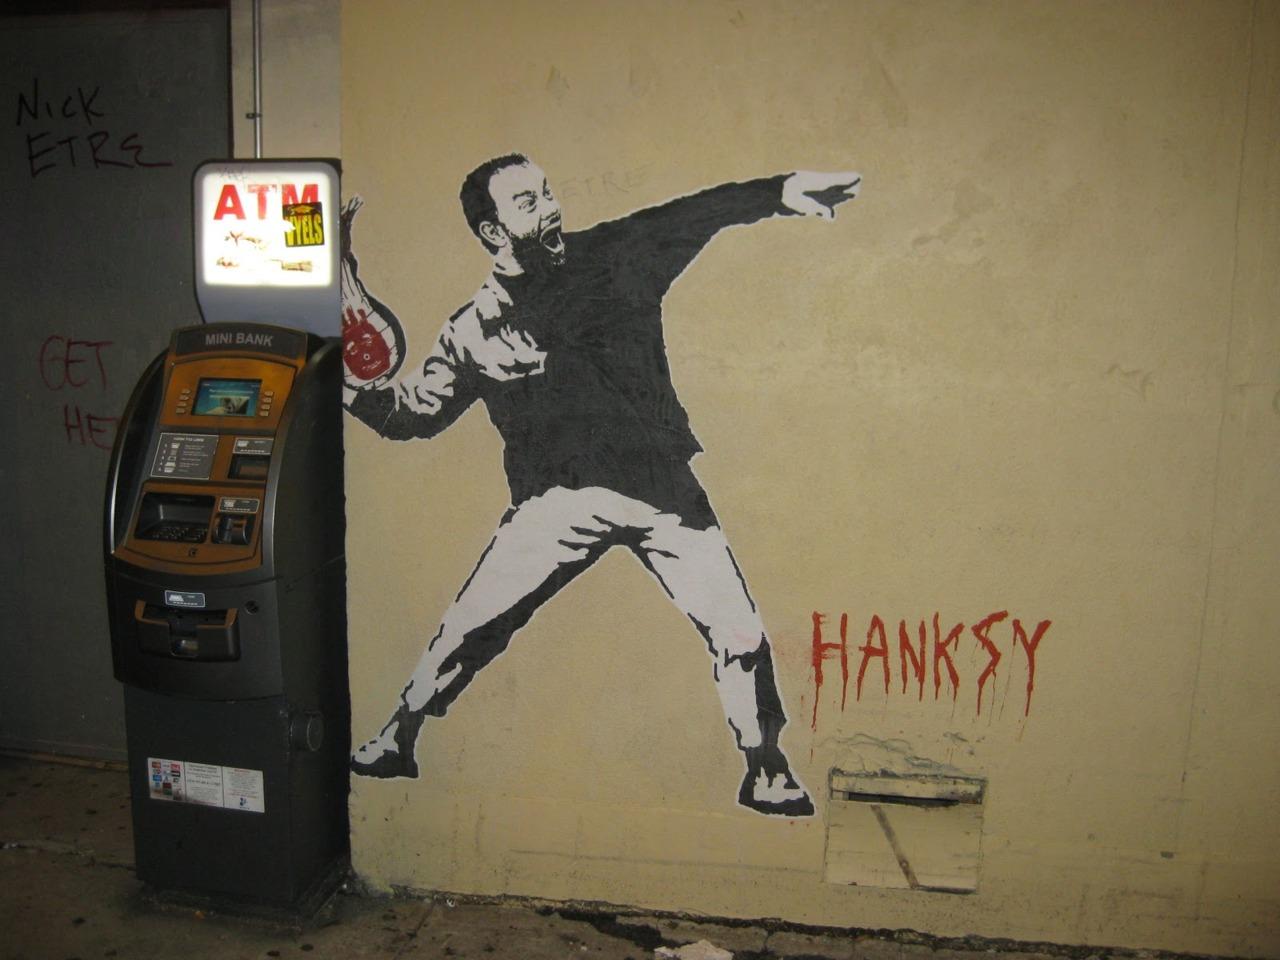 nuncalosabre.Banksy + Tom Hanks = ©Hanksy